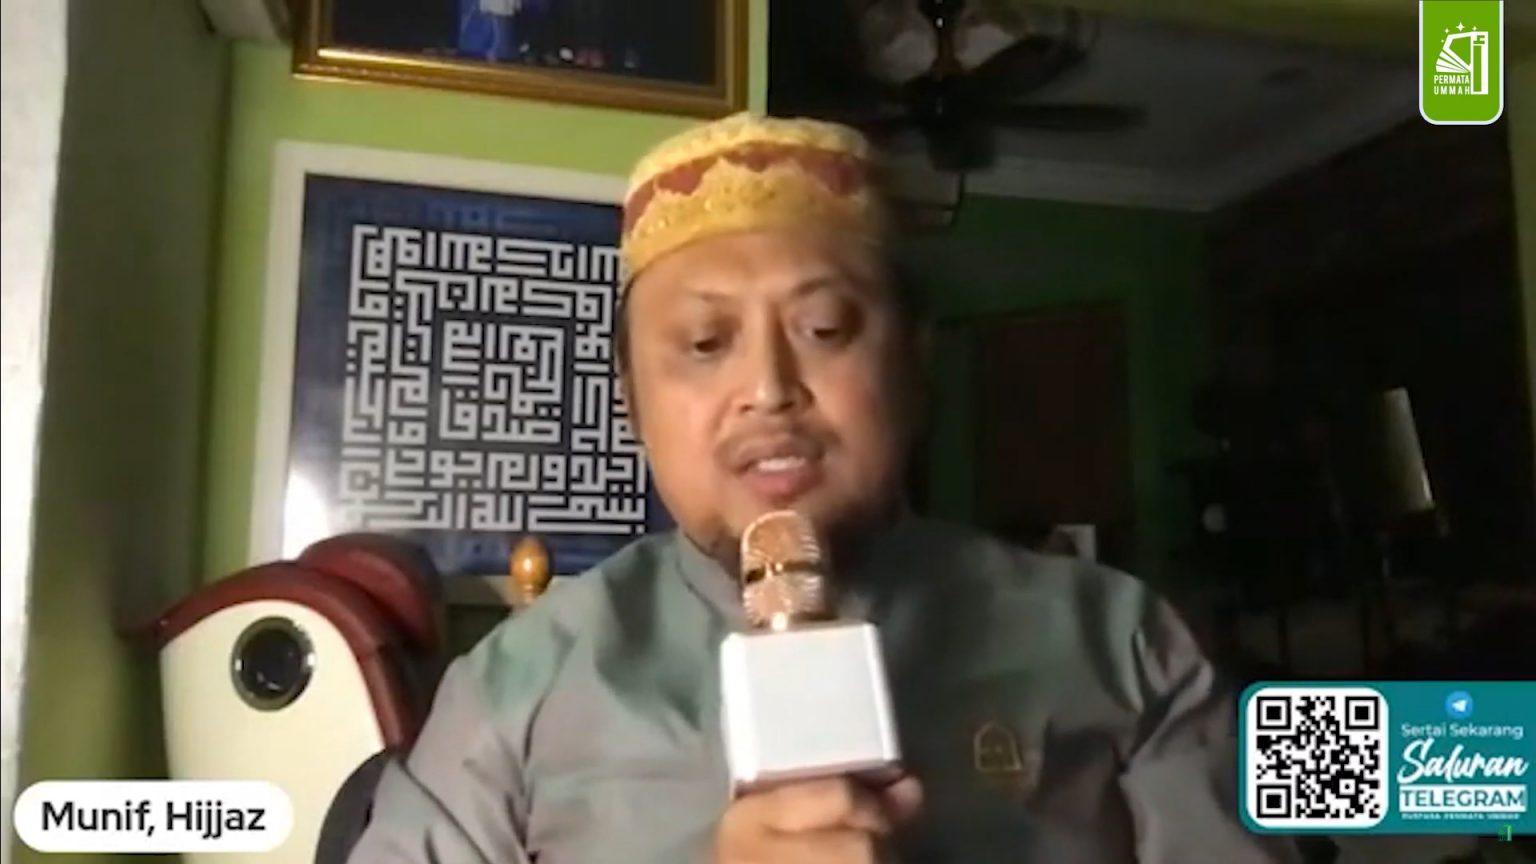 pustaka-permata-ummah-forum-khas-ballighna-ramadhan-munif-hijjaz-ramadhan-bulan-berkat-video-thumbnail